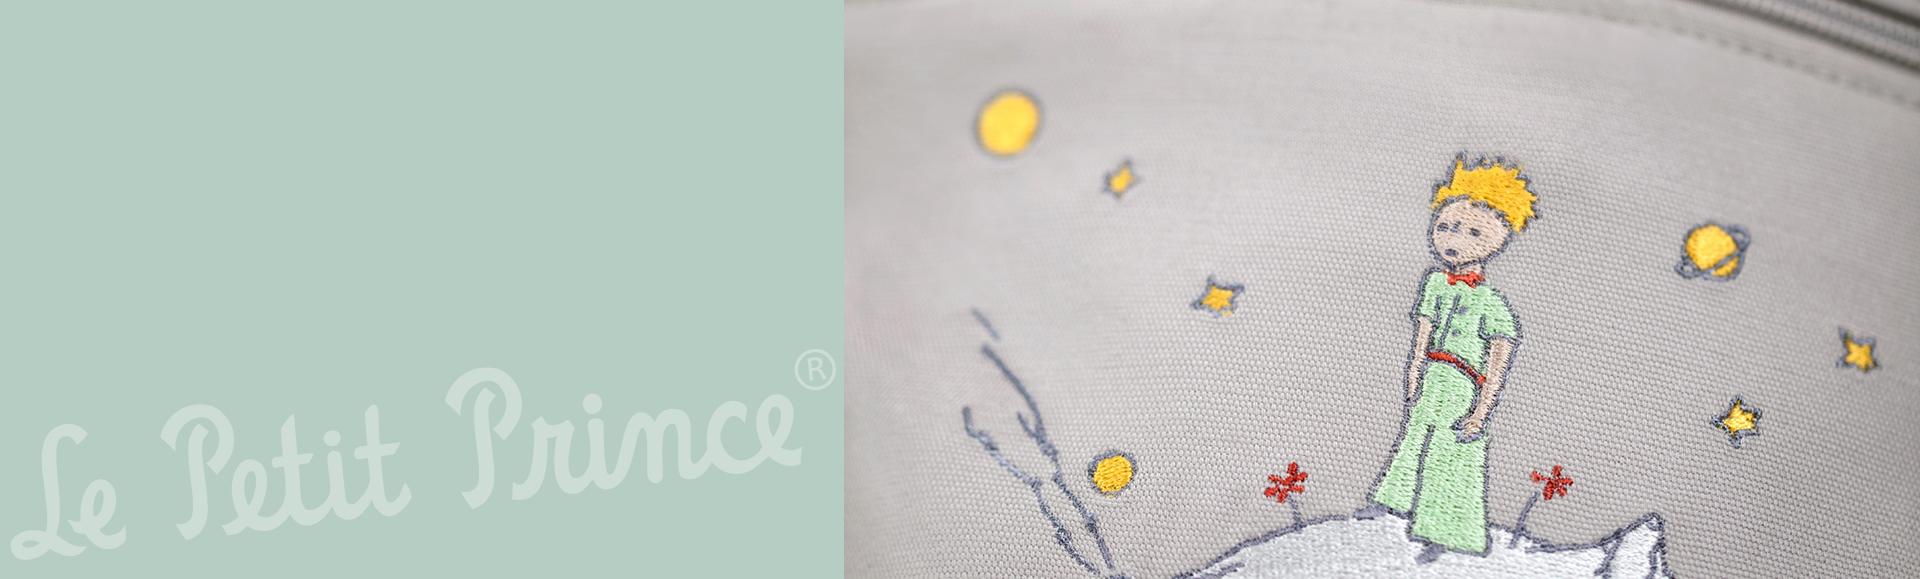 Le Petit Prince by manduca